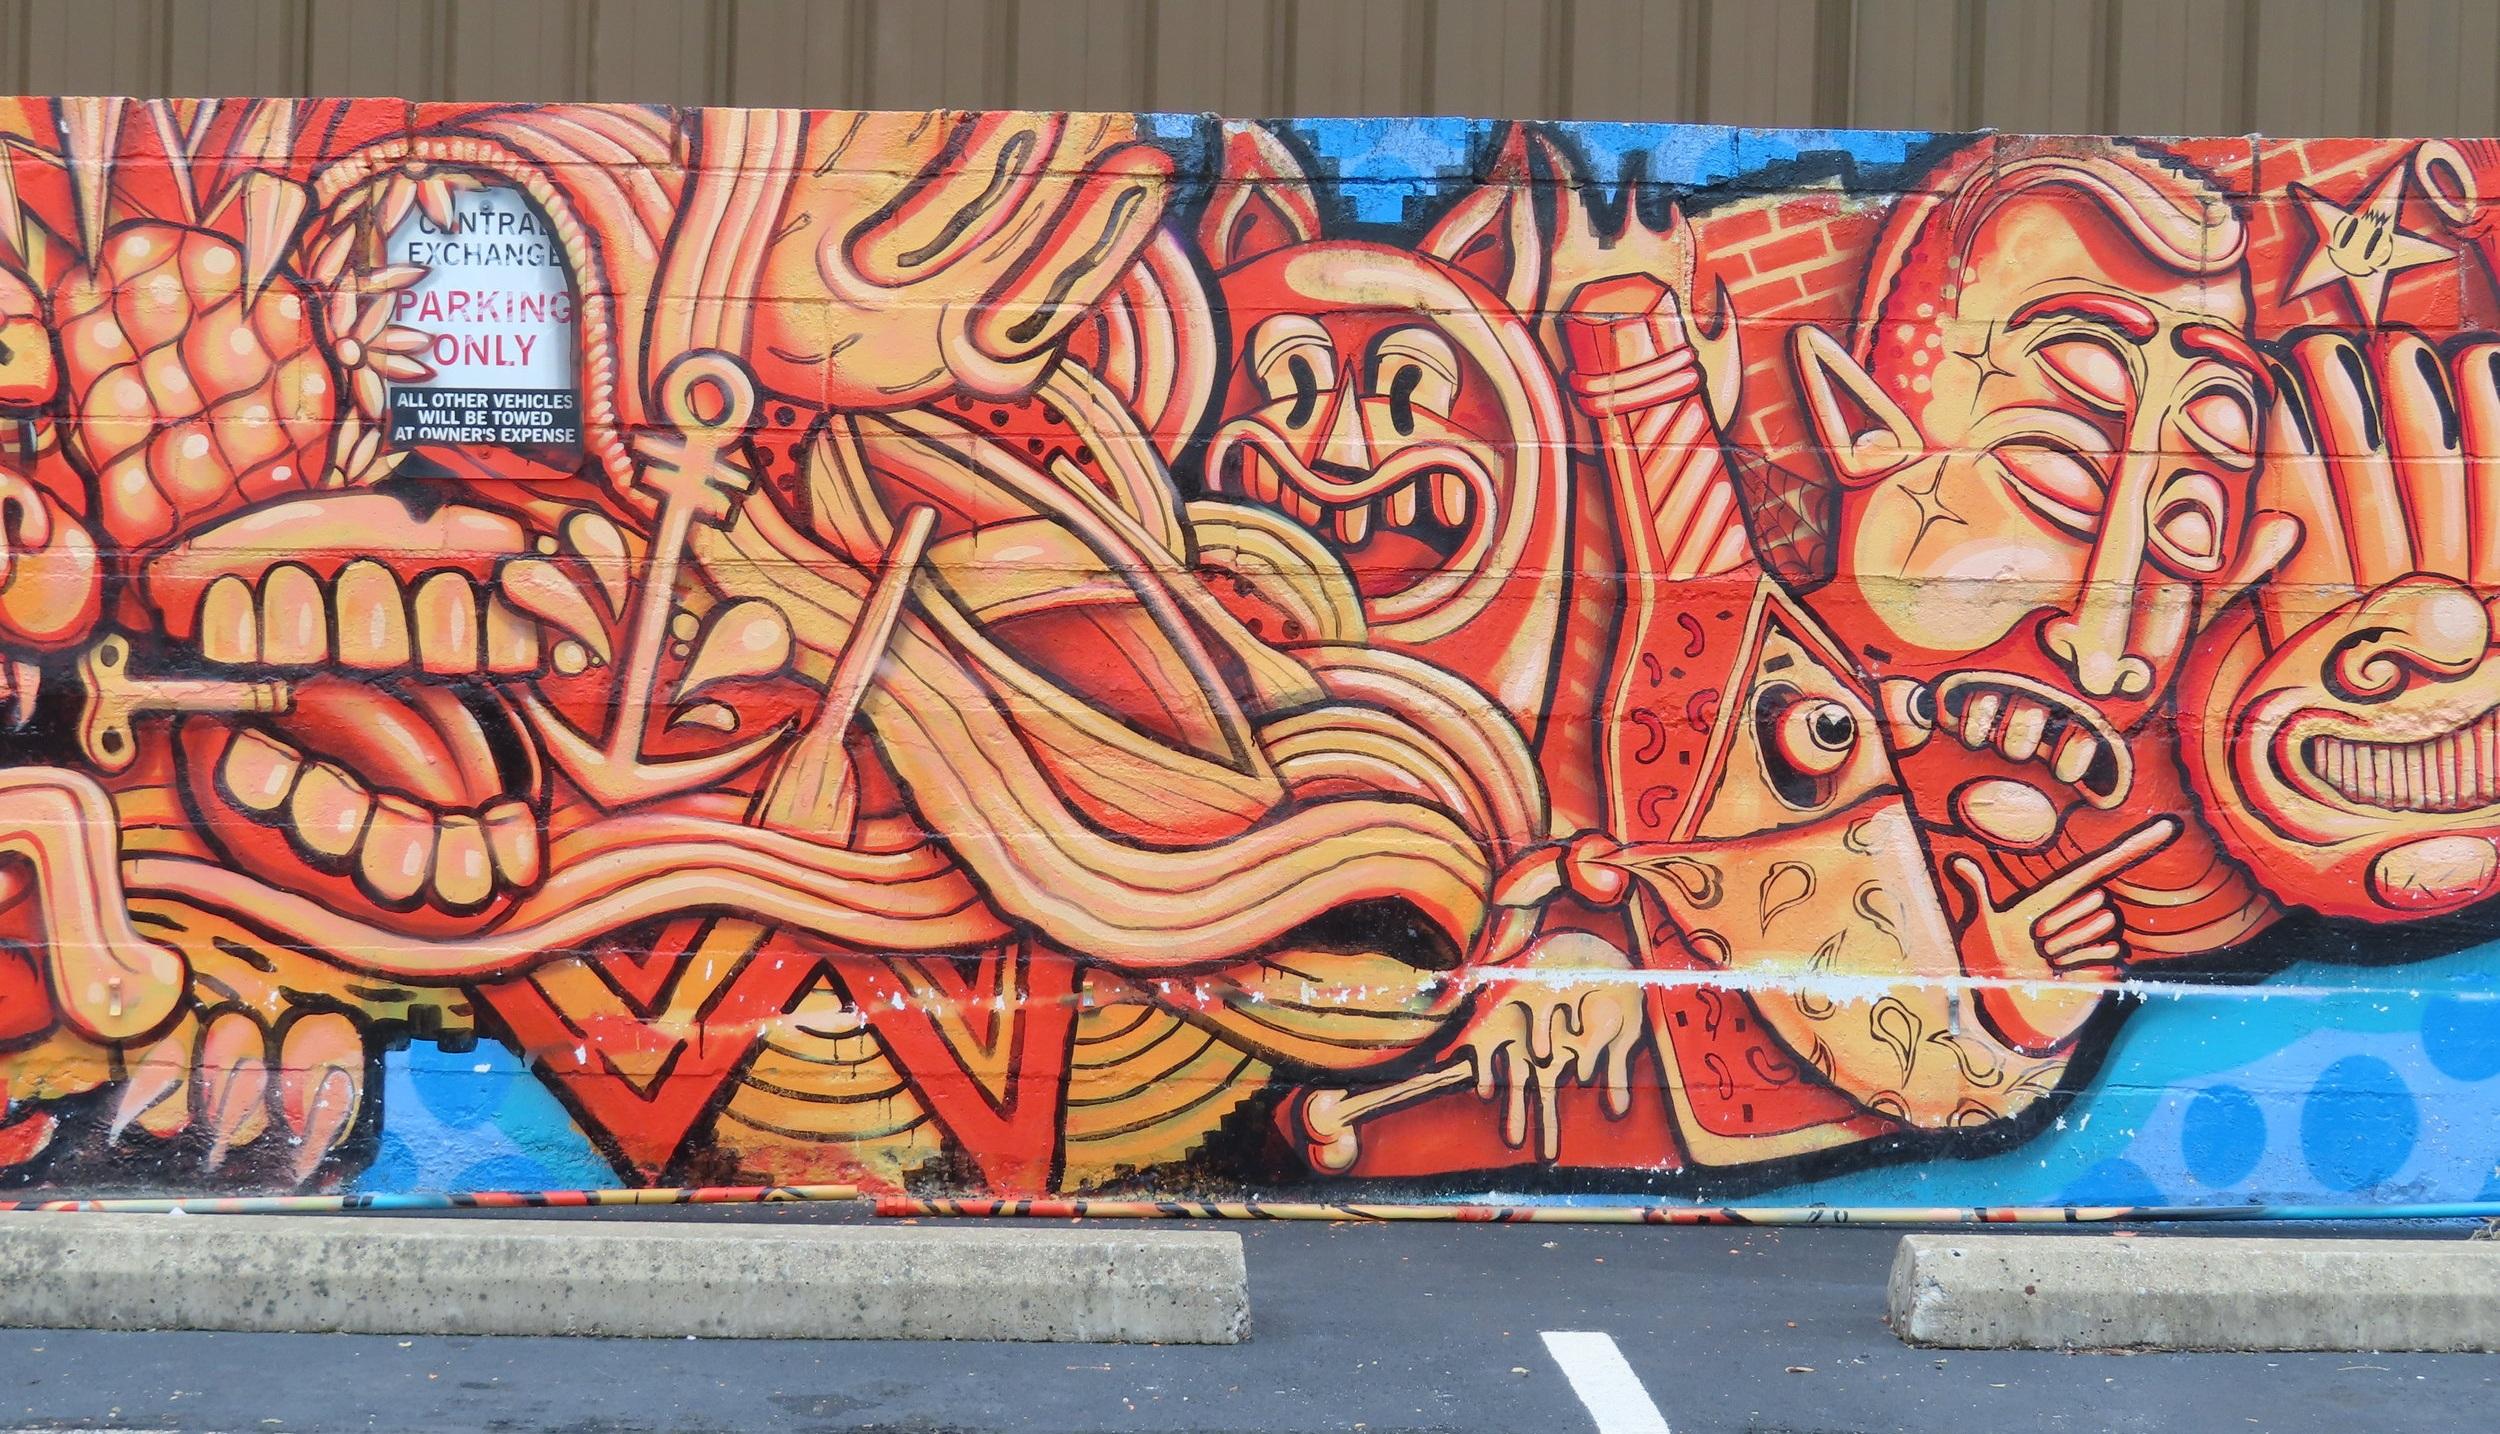 Midtown Memphis mural by  Tooky Berry .tells us Violators Will Be Towed